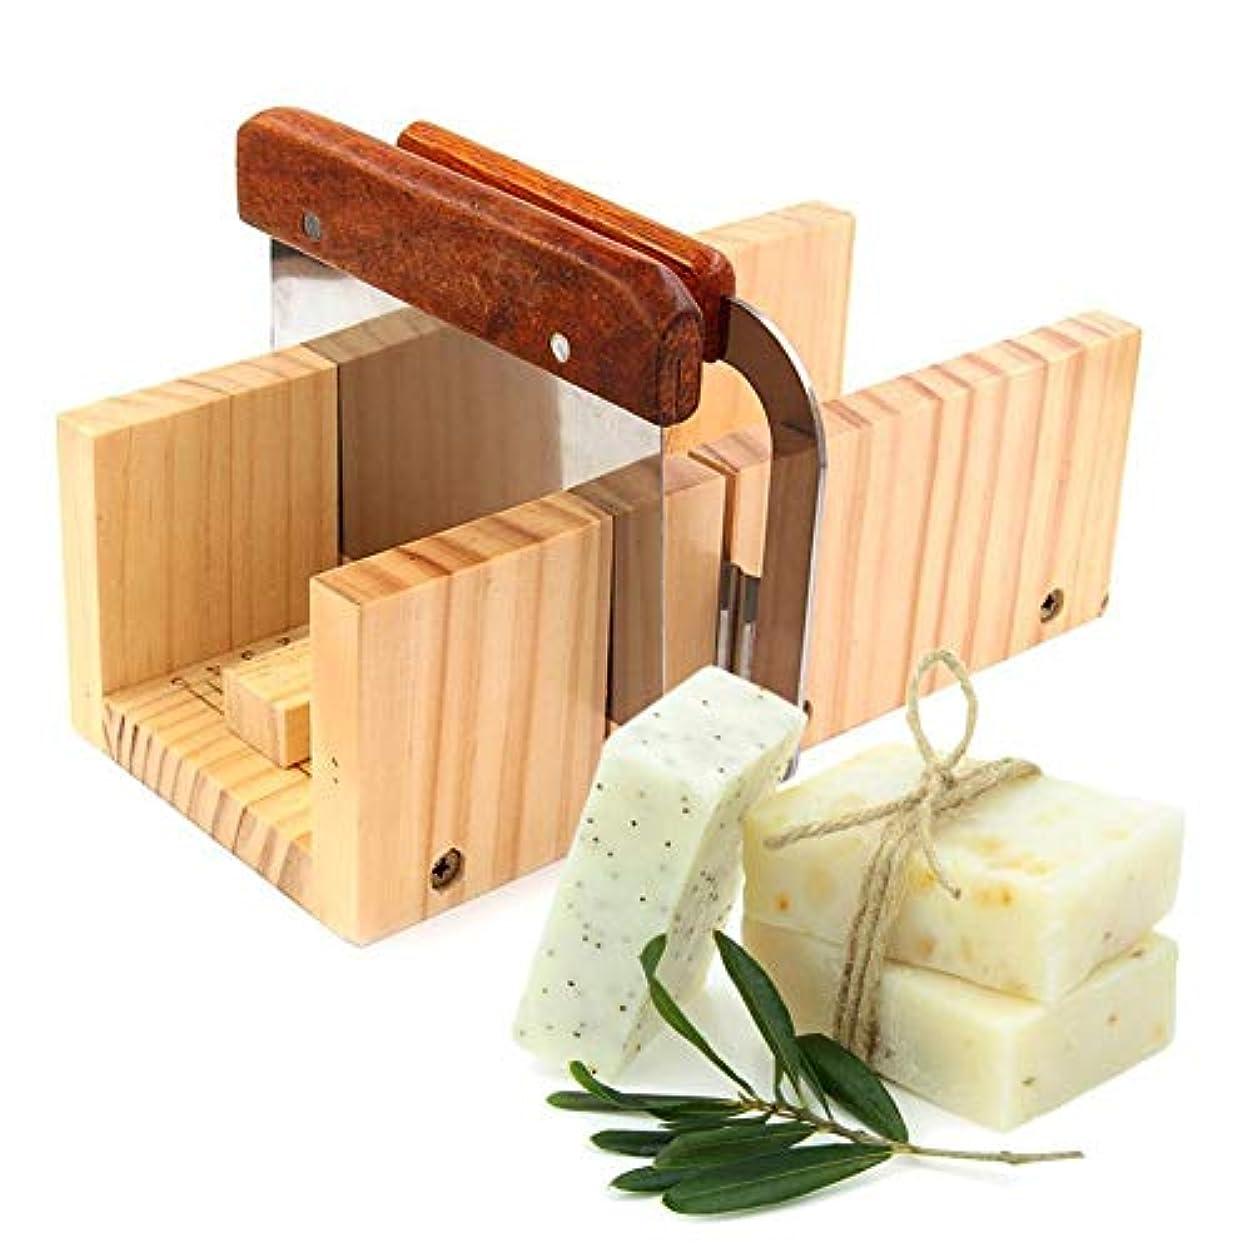 言語検出第九Ragem ソープカッター 手作り石鹸金型 木製 ローフカッターボックス 調整可能 多機能ソープ切削工具 ストレートプレーニングツール